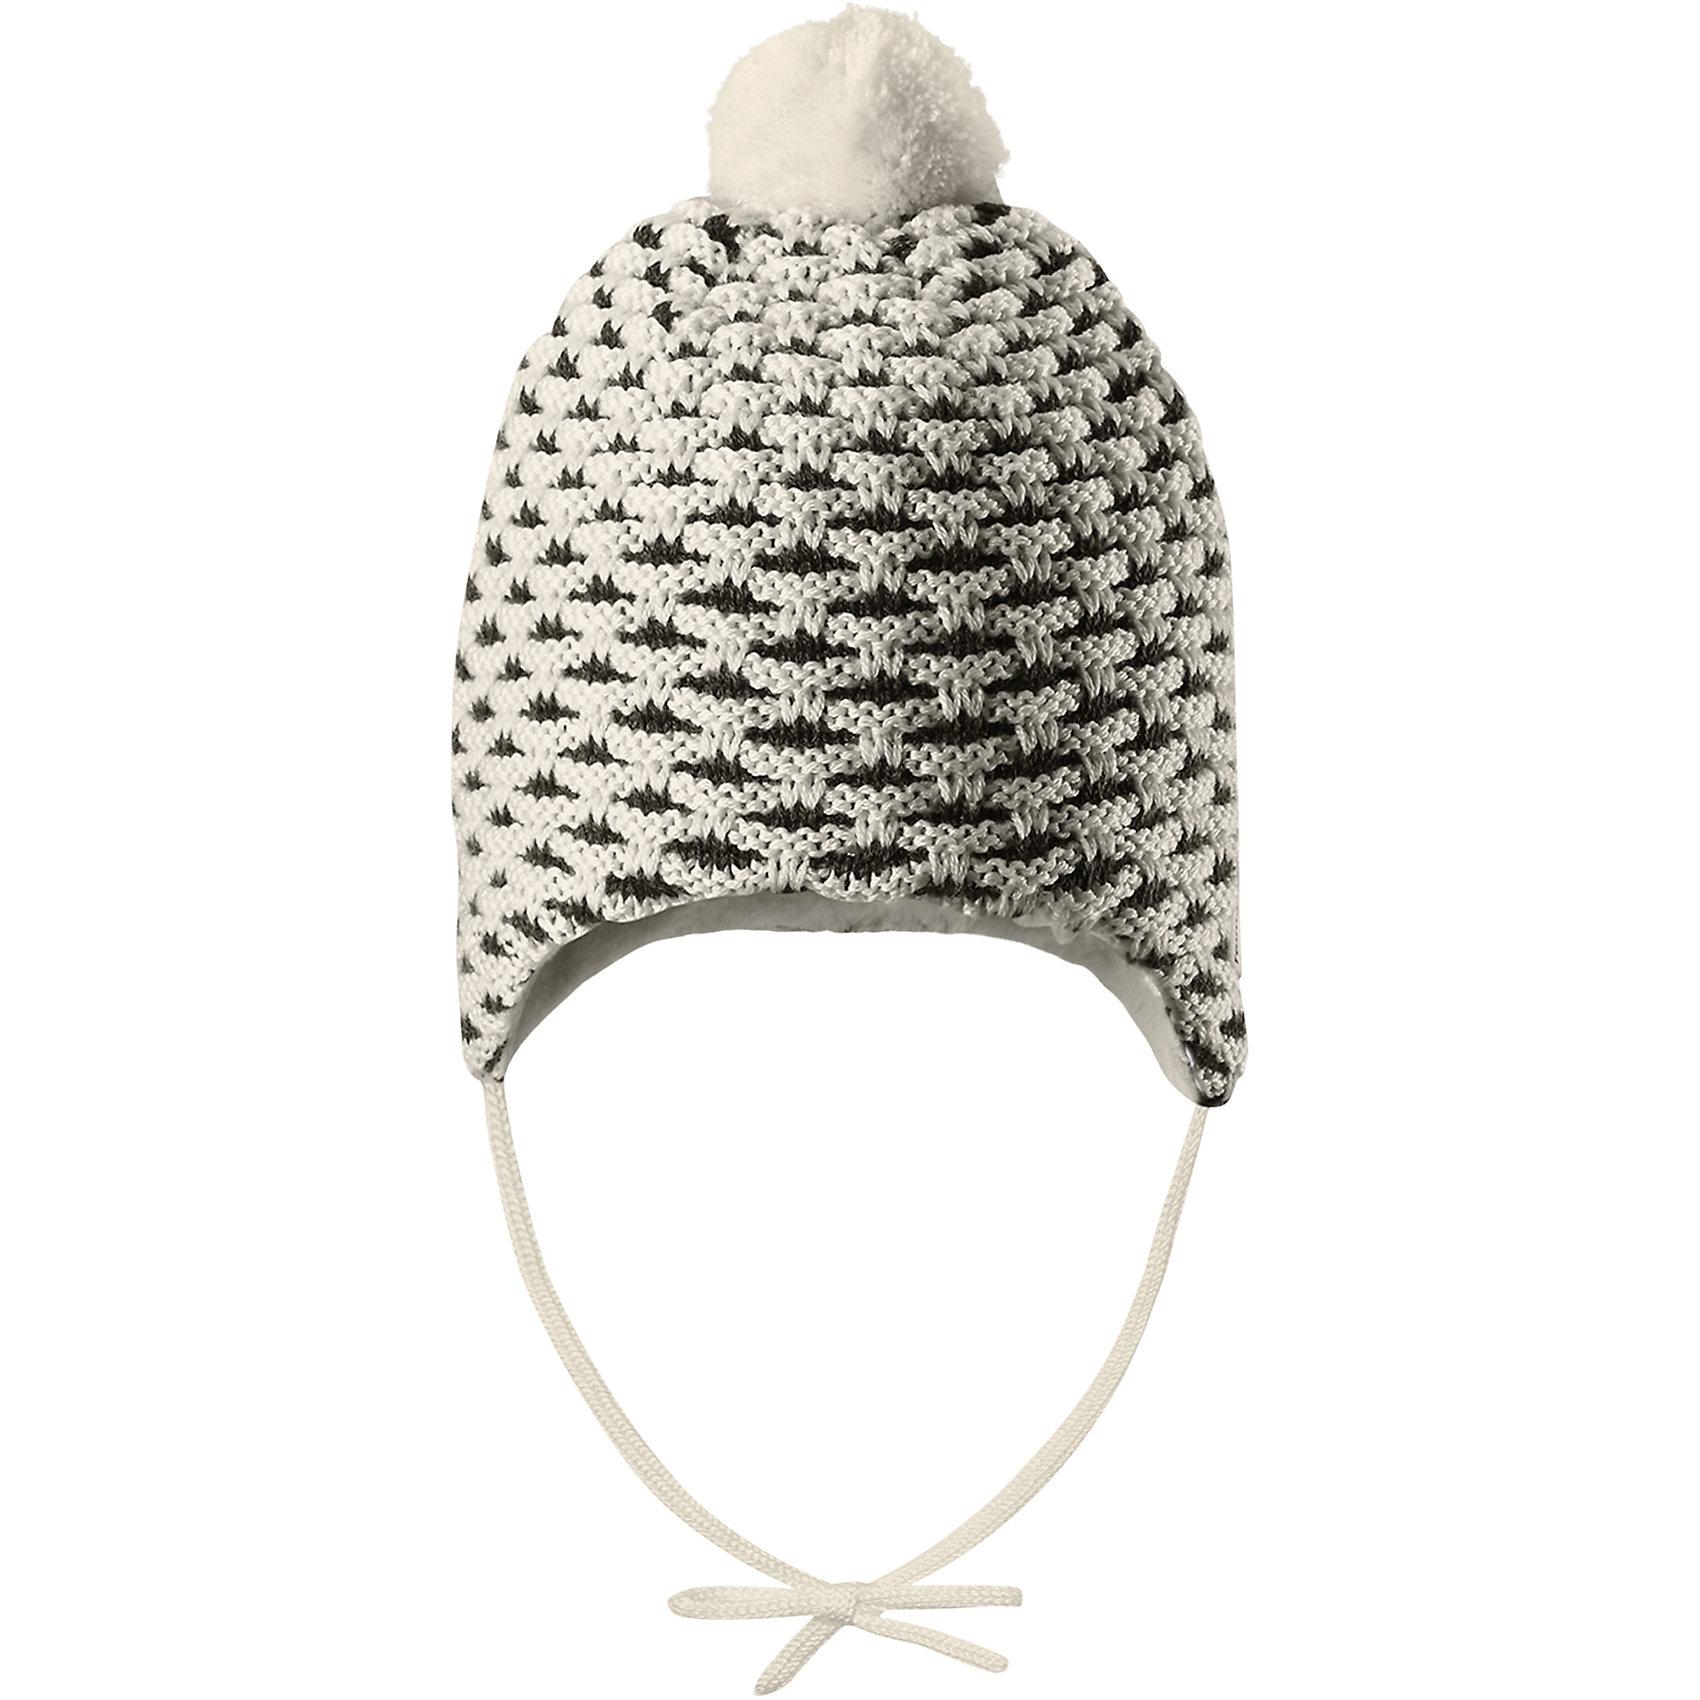 Шапка Reima TorkkuШапки и шарфы<br>Характеристики товара:<br><br>• цвет: белый;<br>• состав: 50% шерсть, 50% полиакрил;<br>• подкладка: 100% полиэстер, флис<br>• температурный режим: от 0 до -20С;<br>• сезон: зима; <br>• особенности модели: вязаная, на завязках, на флисовой подкладке;<br>• мягкая и приятная на ощупь вязка из смеси шерсти и Tencel®;<br>• сплошная подкладка: мягкий теплый флис;<br>• задние швы отсутствуют;<br>• шапка на завязках, сверху помпон;<br>• логотип Reima сбоку;<br>• страна бренда: Финляндия;<br>• страна изготовитель: Китай.<br><br>Вязаная шапка на завязках для новорожденных сшита из теплого полушерстяного материала и снабжена мягкой, очень приятной на ощупь подкладкой из флиса. Благодаря завязкам шапка будет хорошо держаться, а симпатичный помпон делает ее просто неотразимой. Рекомендуем носить в сочетании с варежками Uninen и пинетками Lepo.<br><br>Шапка Torkku Reima от финского бренда Reima (Рейма) можно купить в нашем интернет-магазине.<br><br>Ширина мм: 89<br>Глубина мм: 117<br>Высота мм: 44<br>Вес г: 155<br>Цвет: белый<br>Возраст от месяцев: 6<br>Возраст до месяцев: 9<br>Пол: Унисекс<br>Возраст: Детский<br>Размер: 42-44,34-36,38-40<br>SKU: 6908810